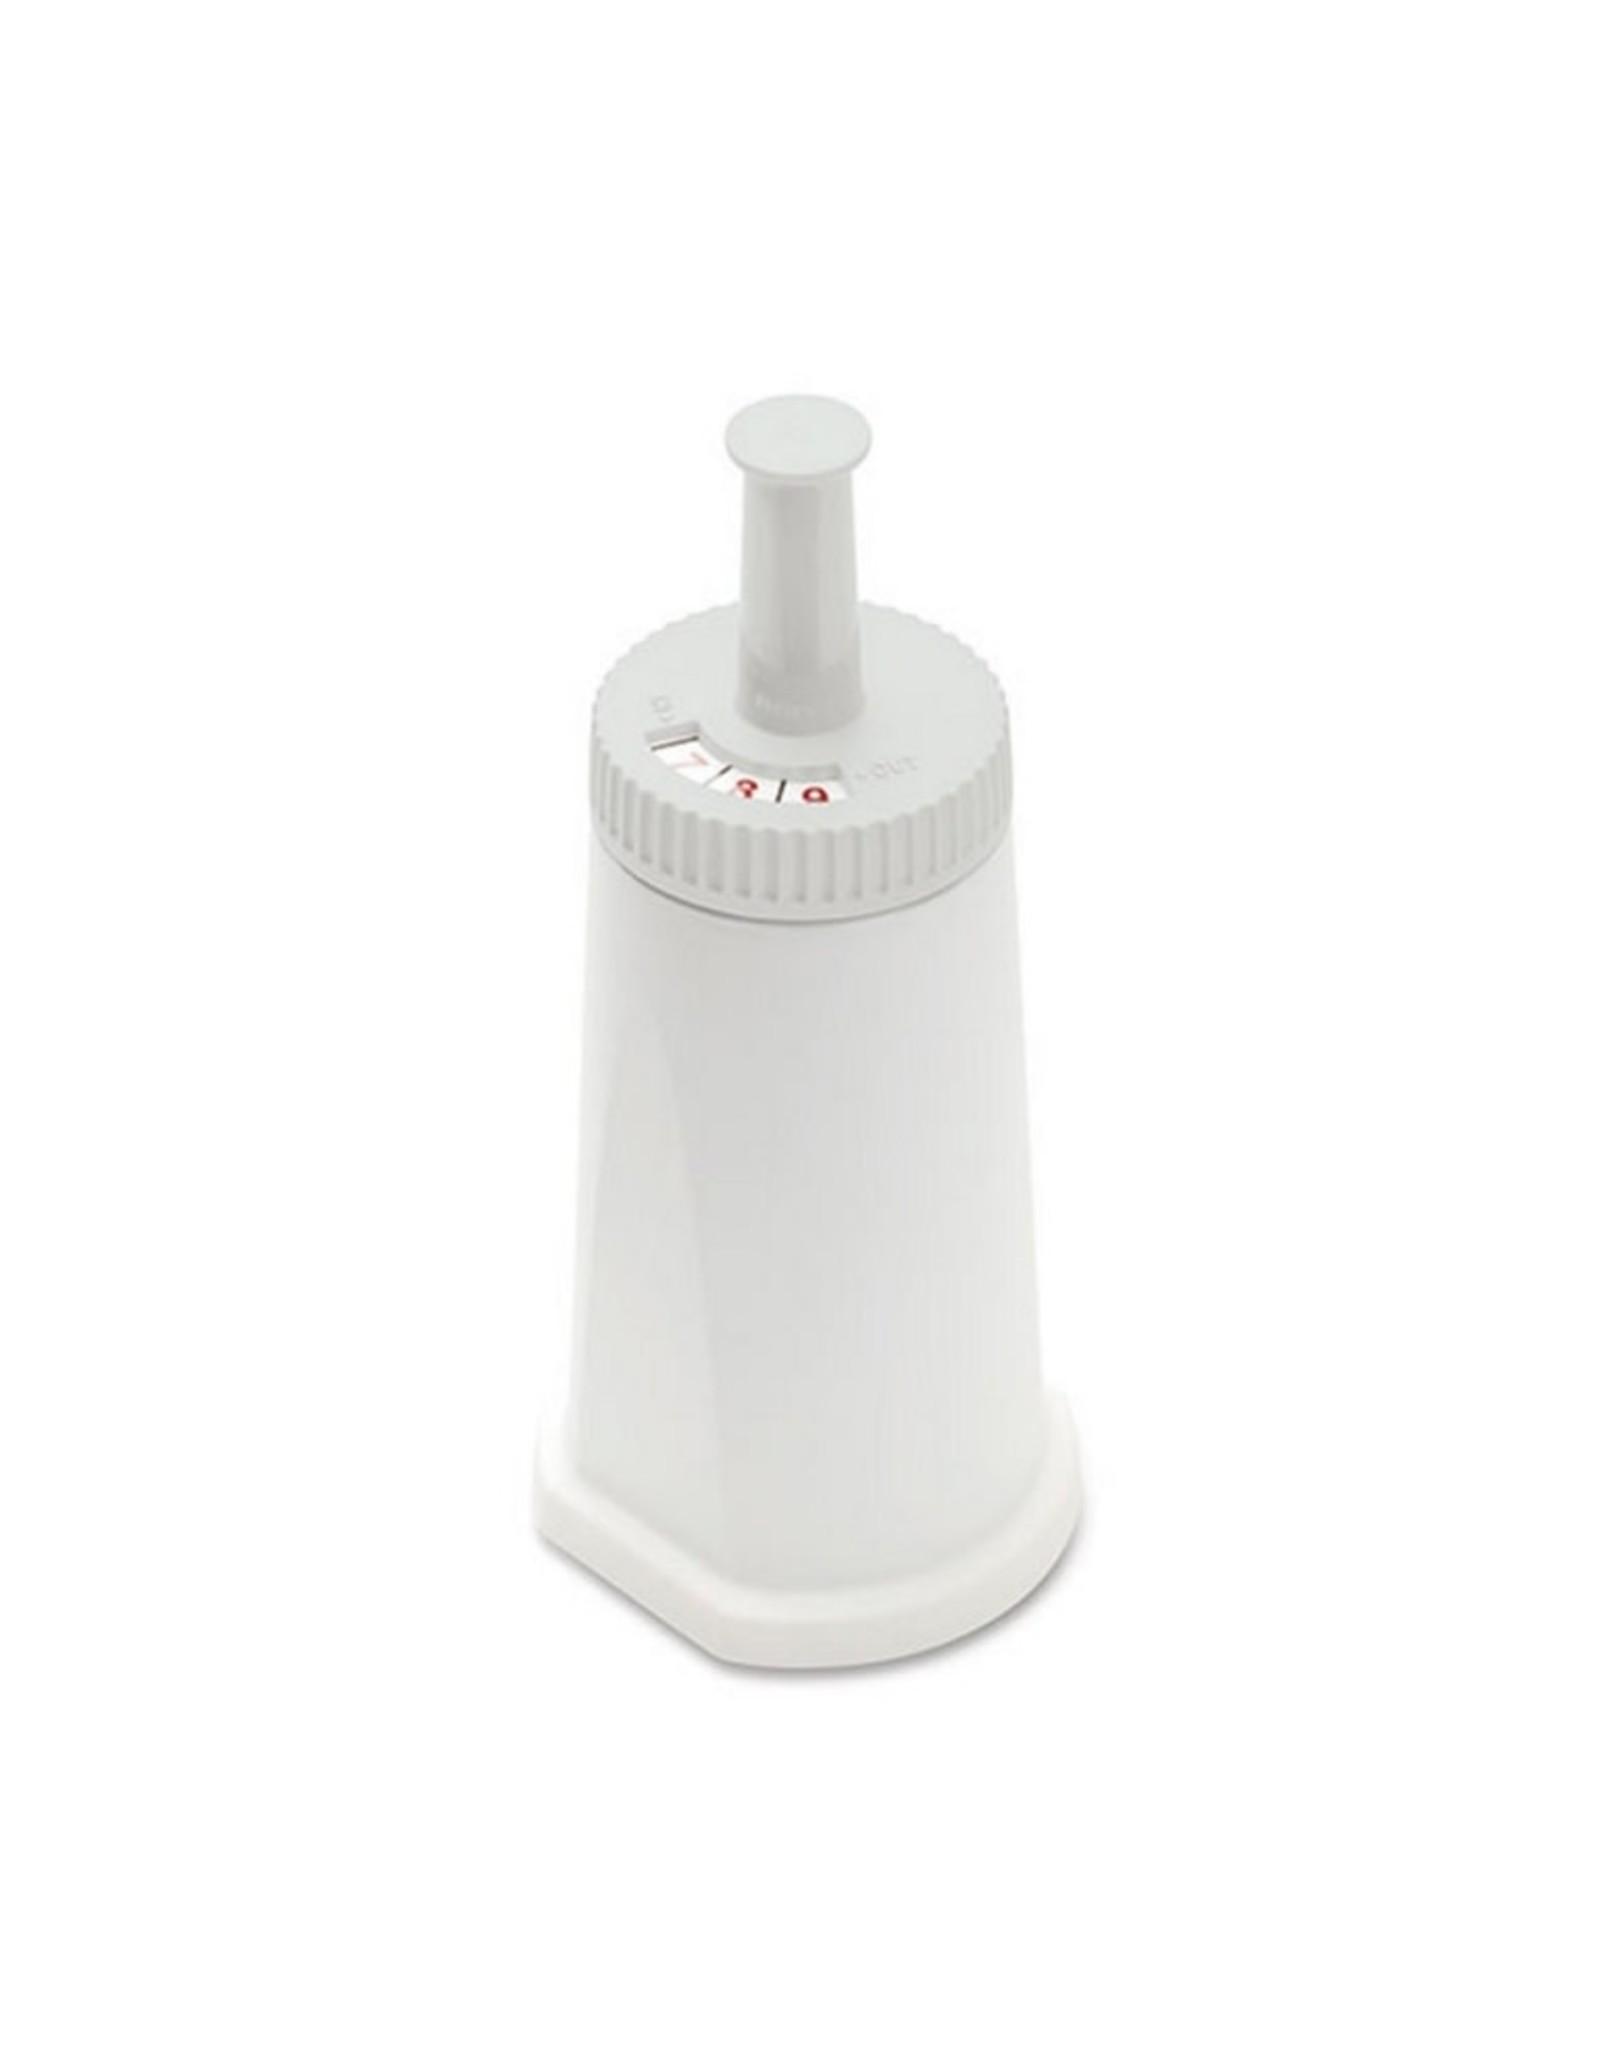 Breville Breville Water Filter - BES008